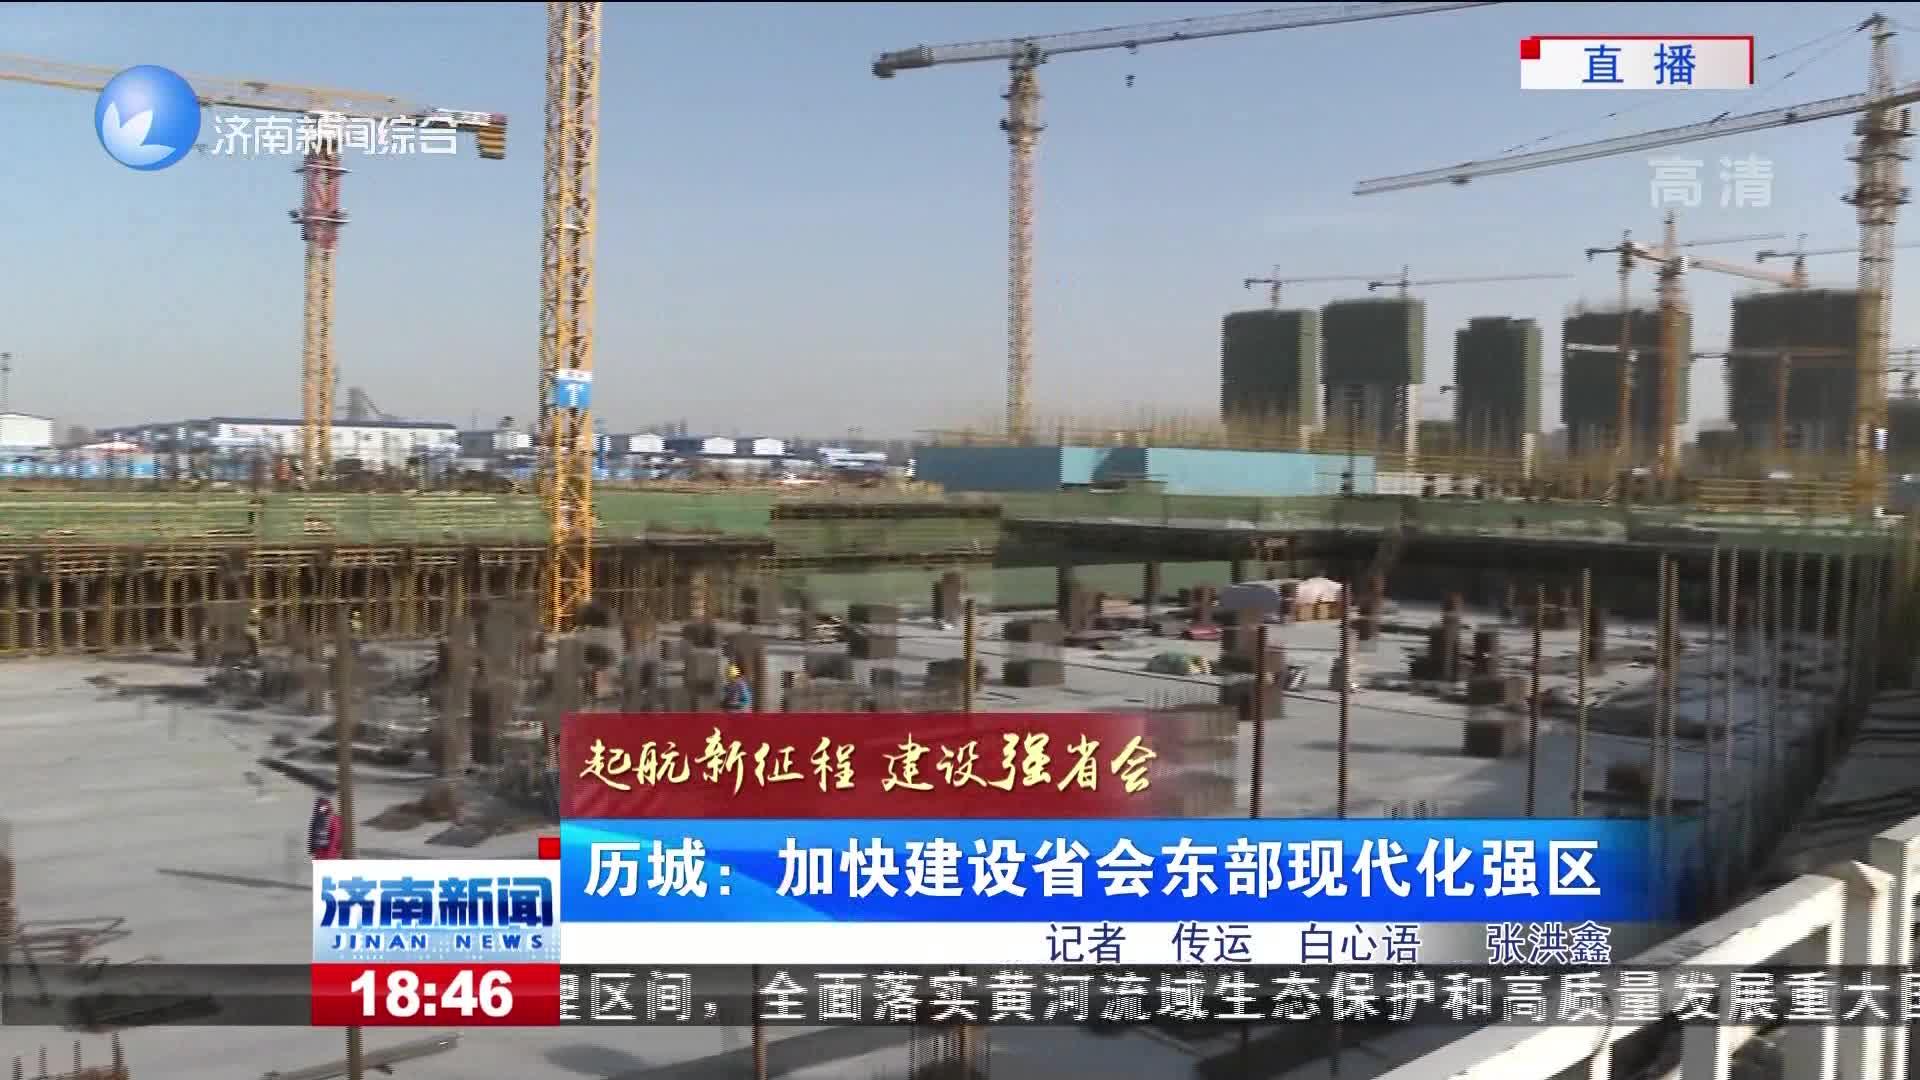 历城:加快建设省会东部现代化强区